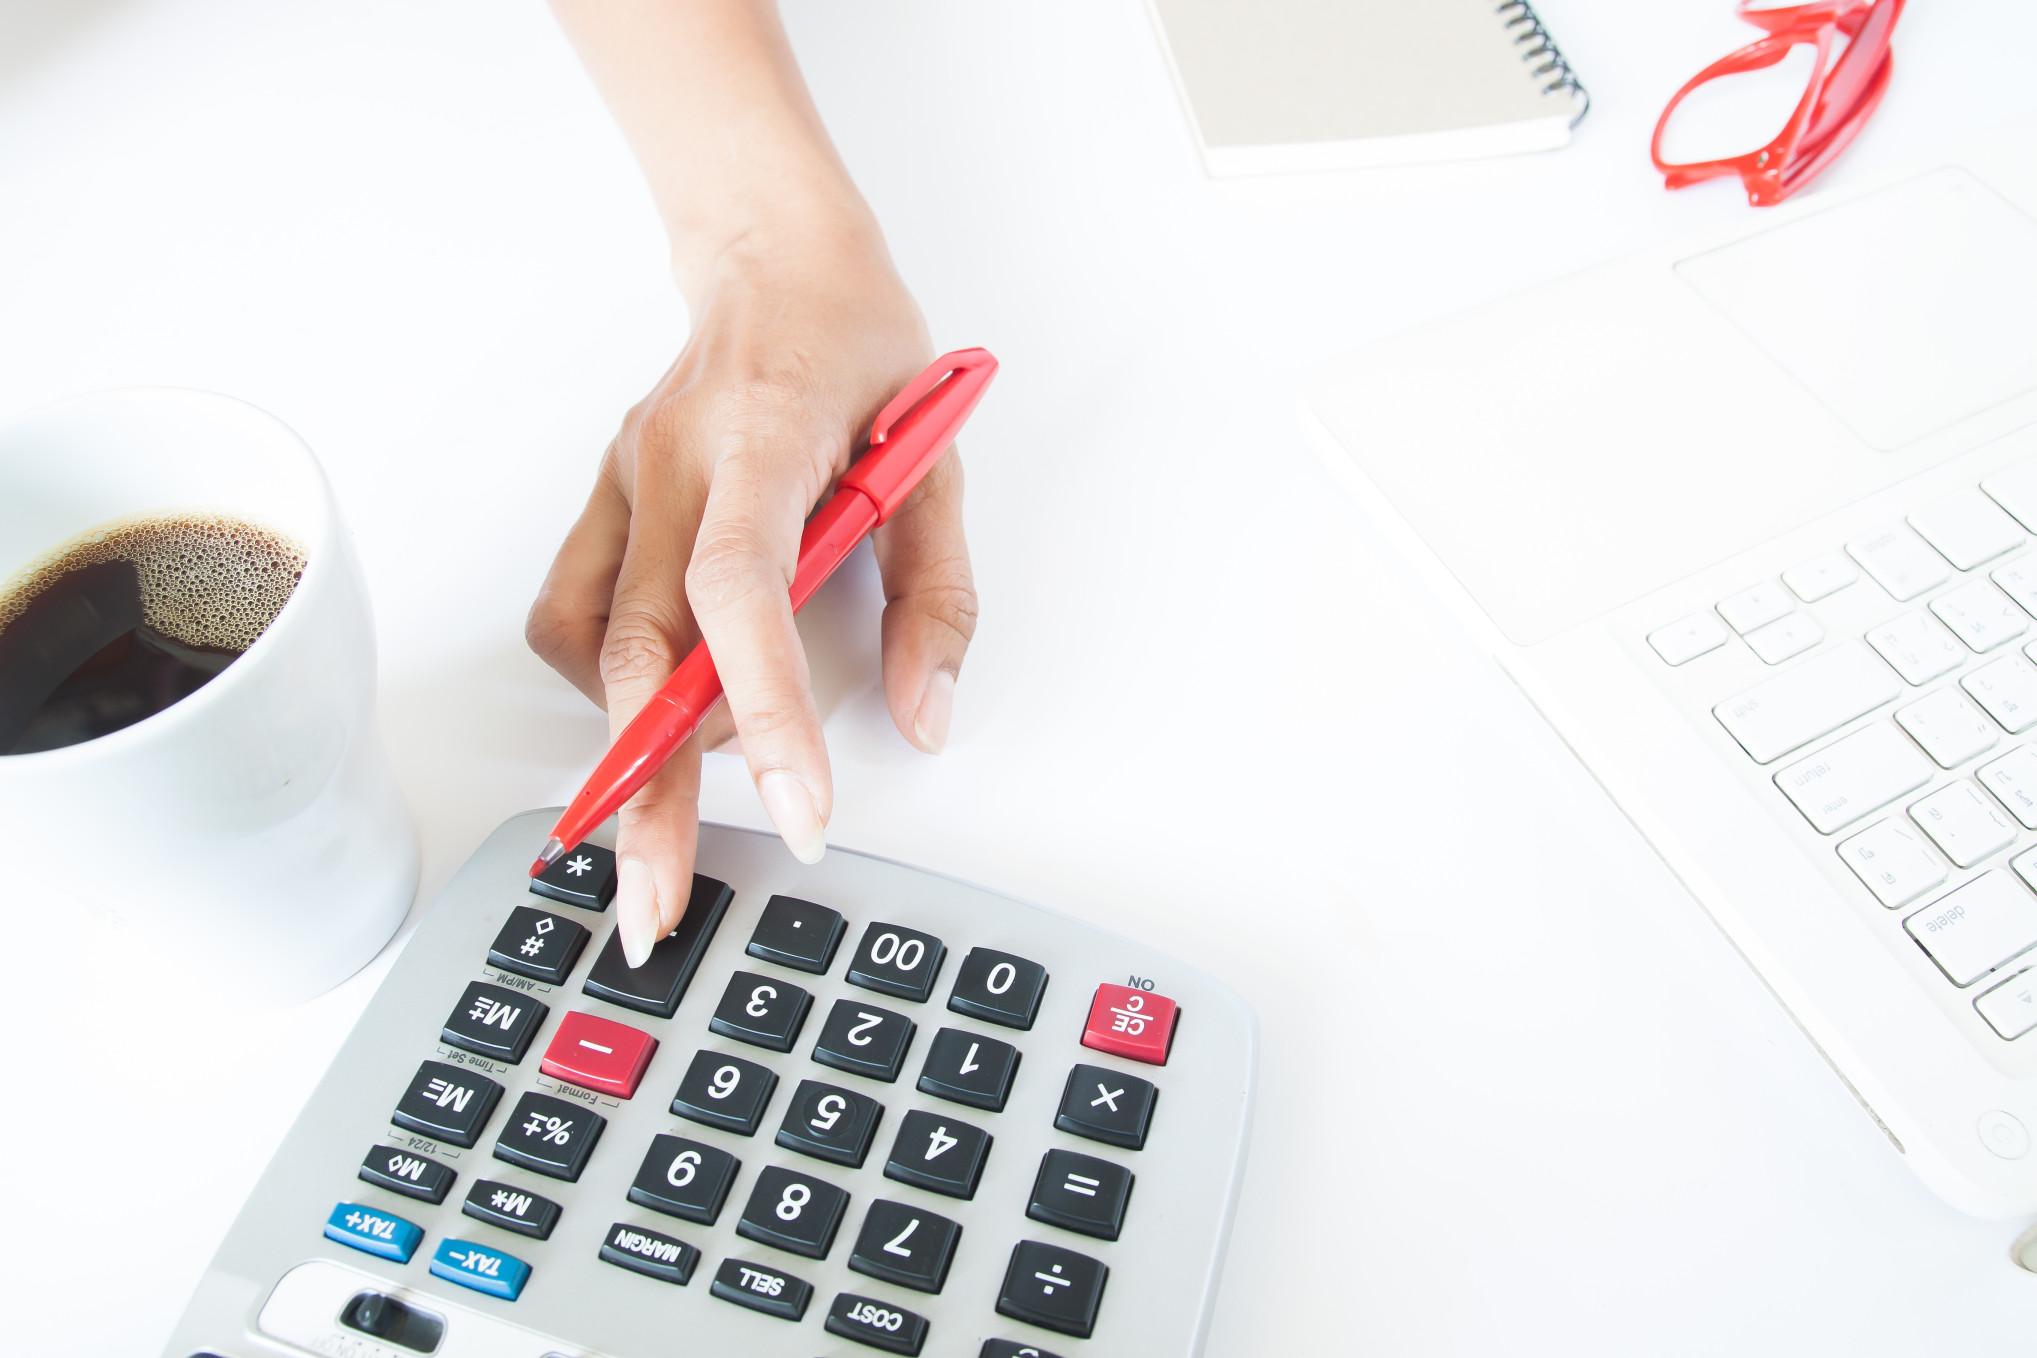 Das Ertragswertverfahren wird vor allem bei der Wertermittlung von vermieteten Immobilien angewandt. Foto chantalao007 via Twenty20